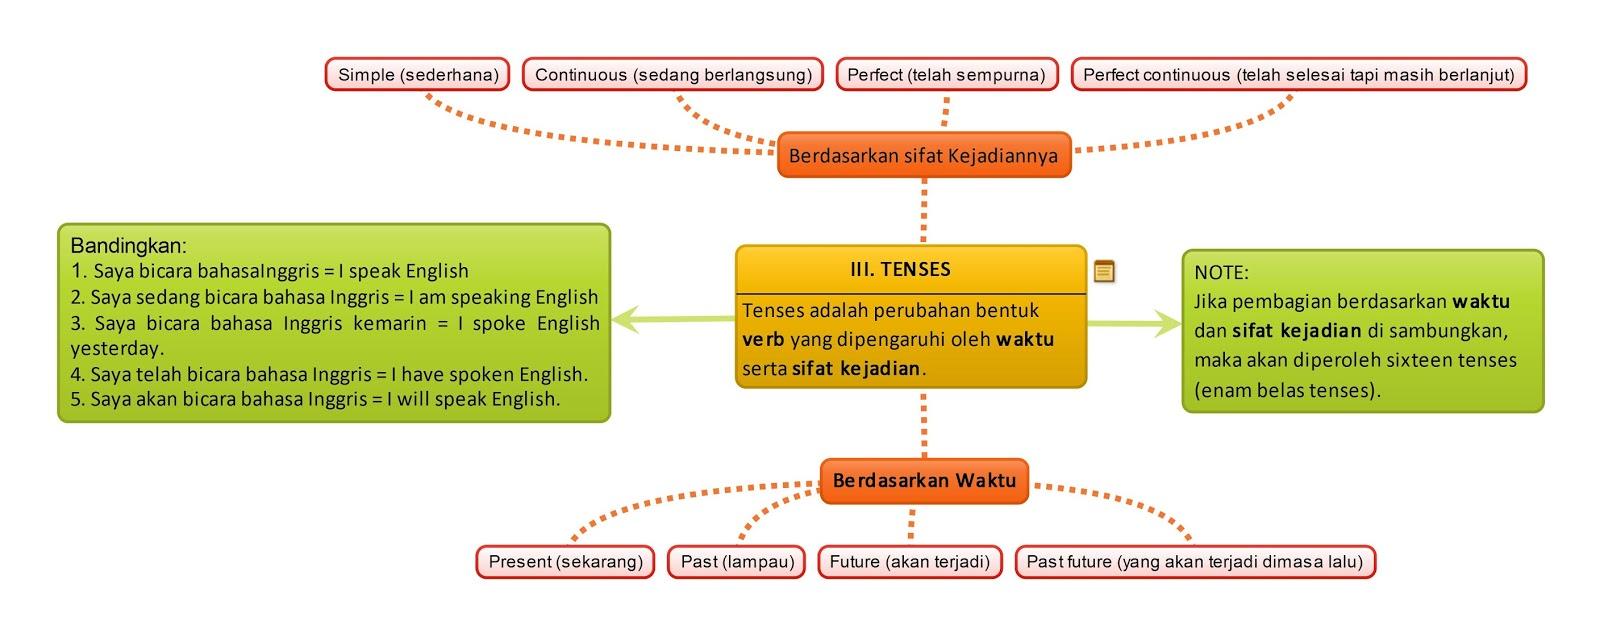 Bab iii tenses cara mudah belajar bahasa inggris dengan metode tenses cara mudah belajar bahasa inggris dengan metode mind map ccuart Choice Image